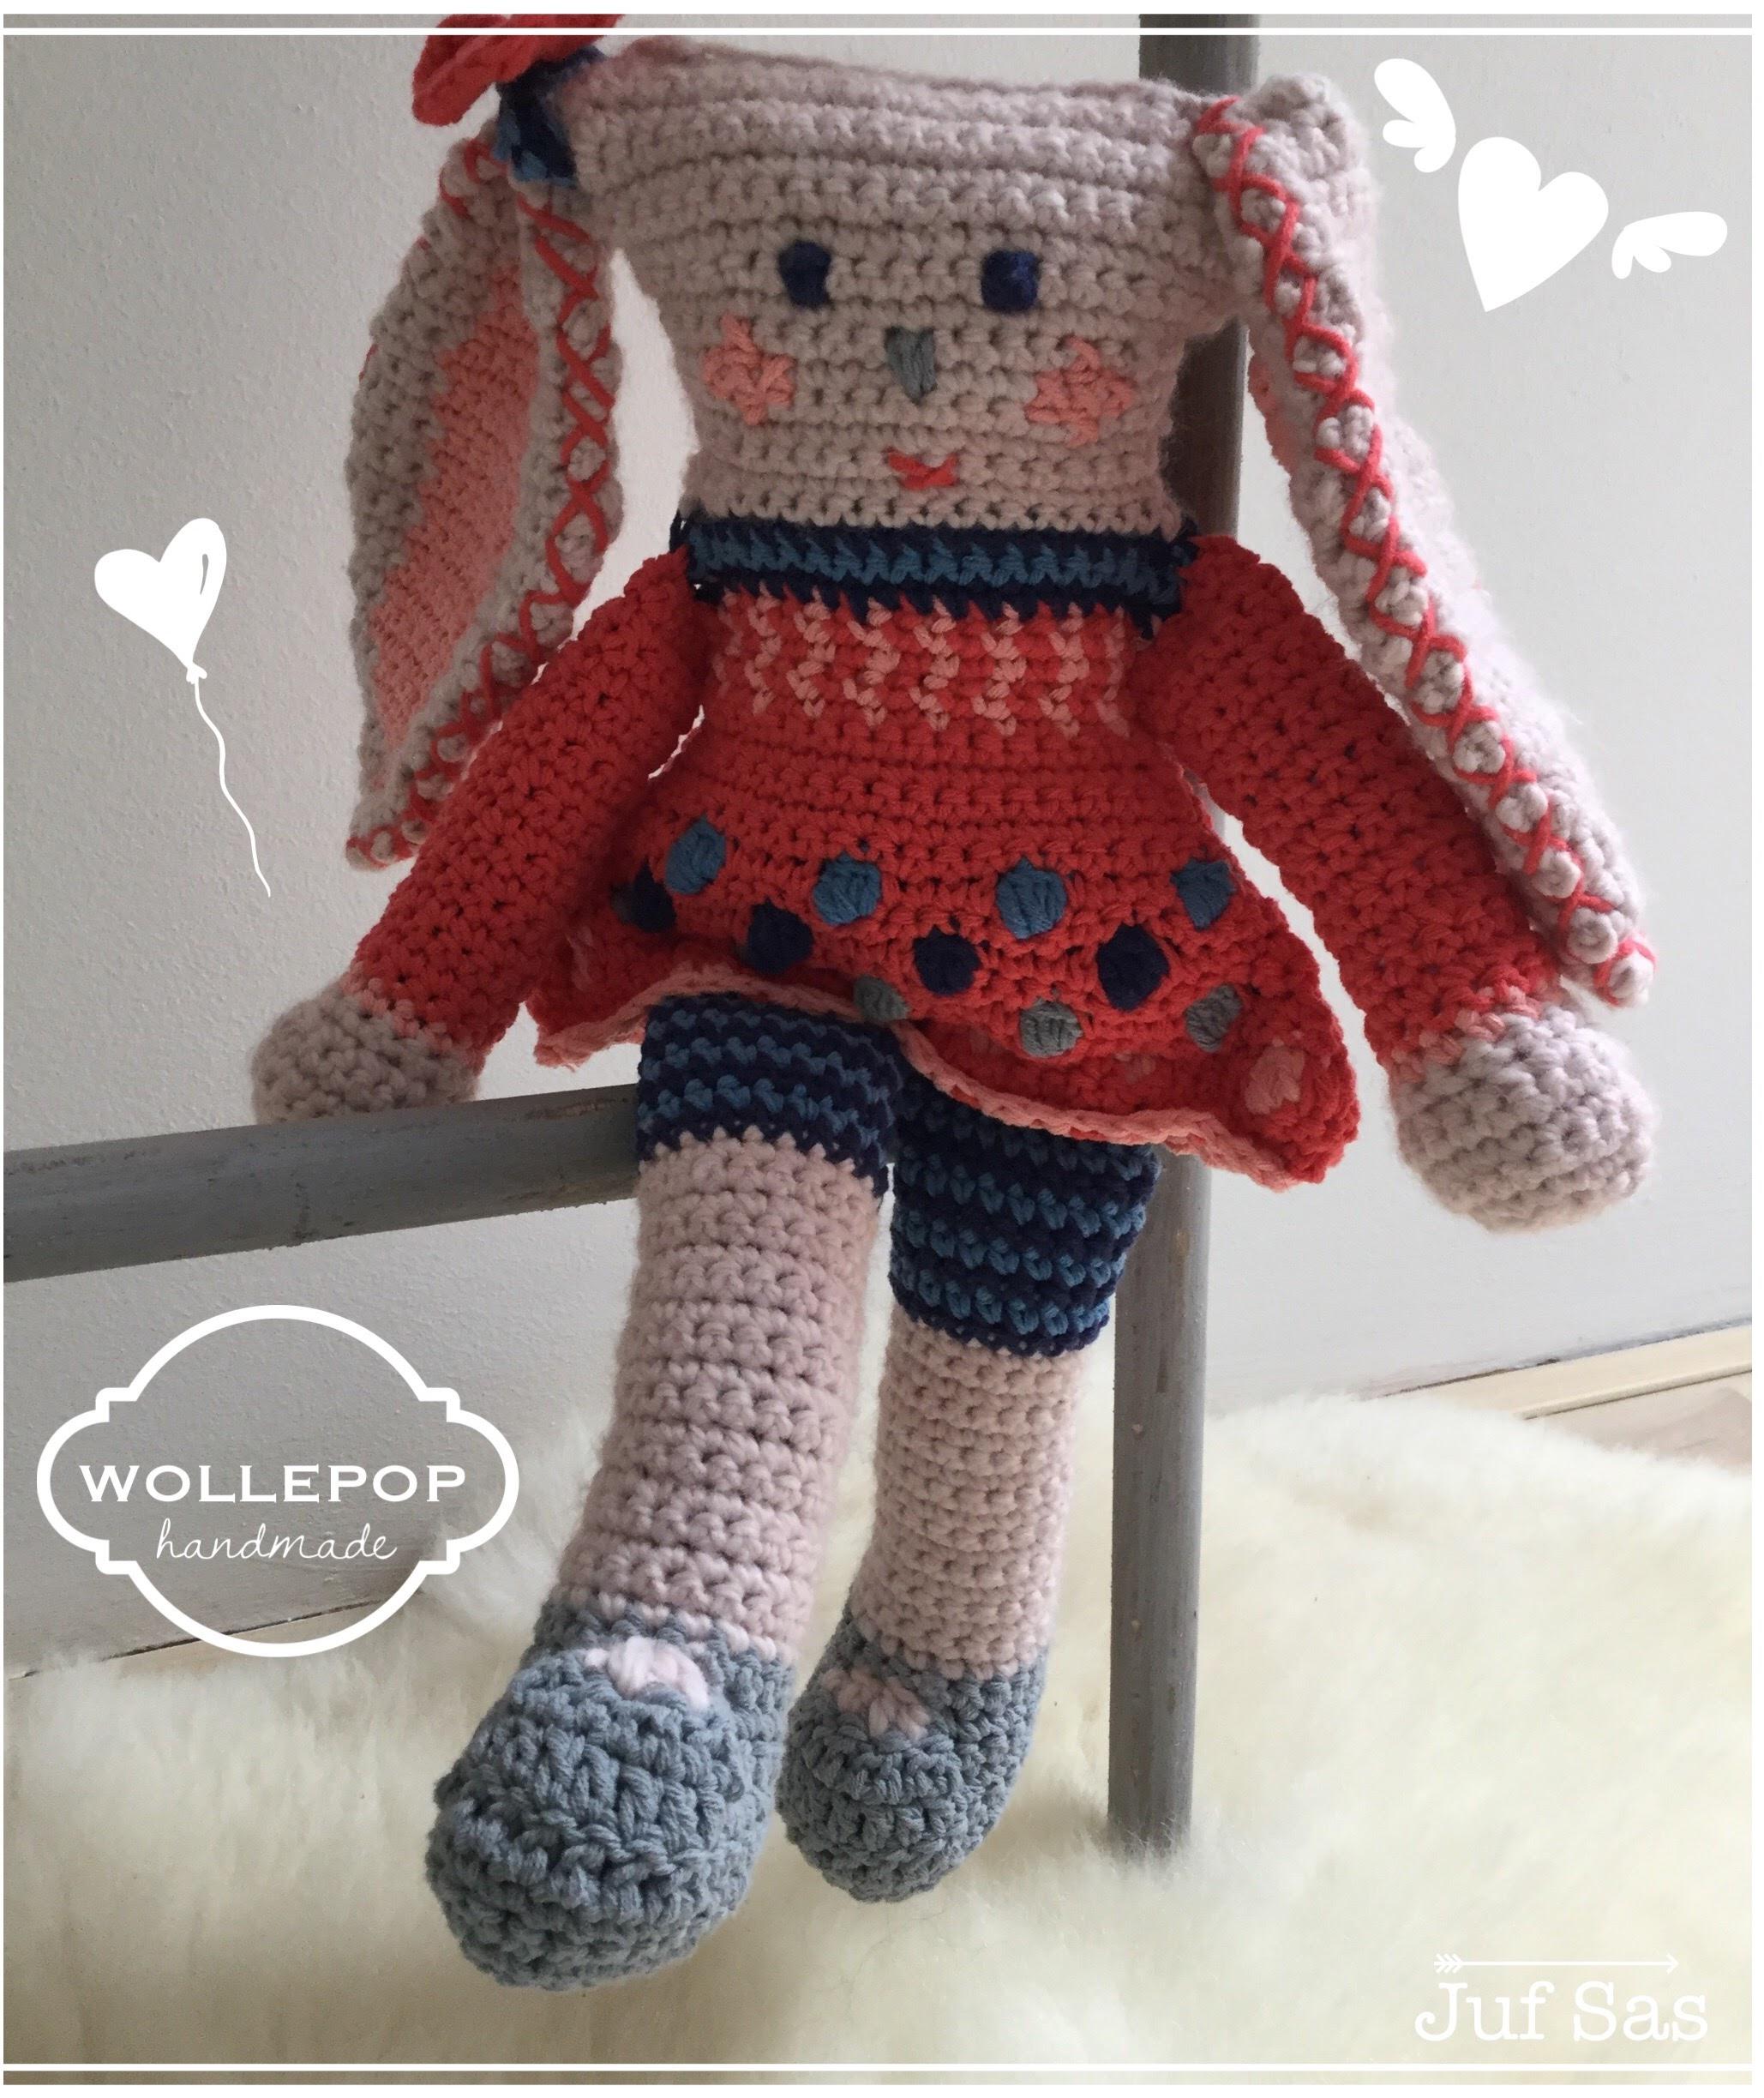 Wollepop